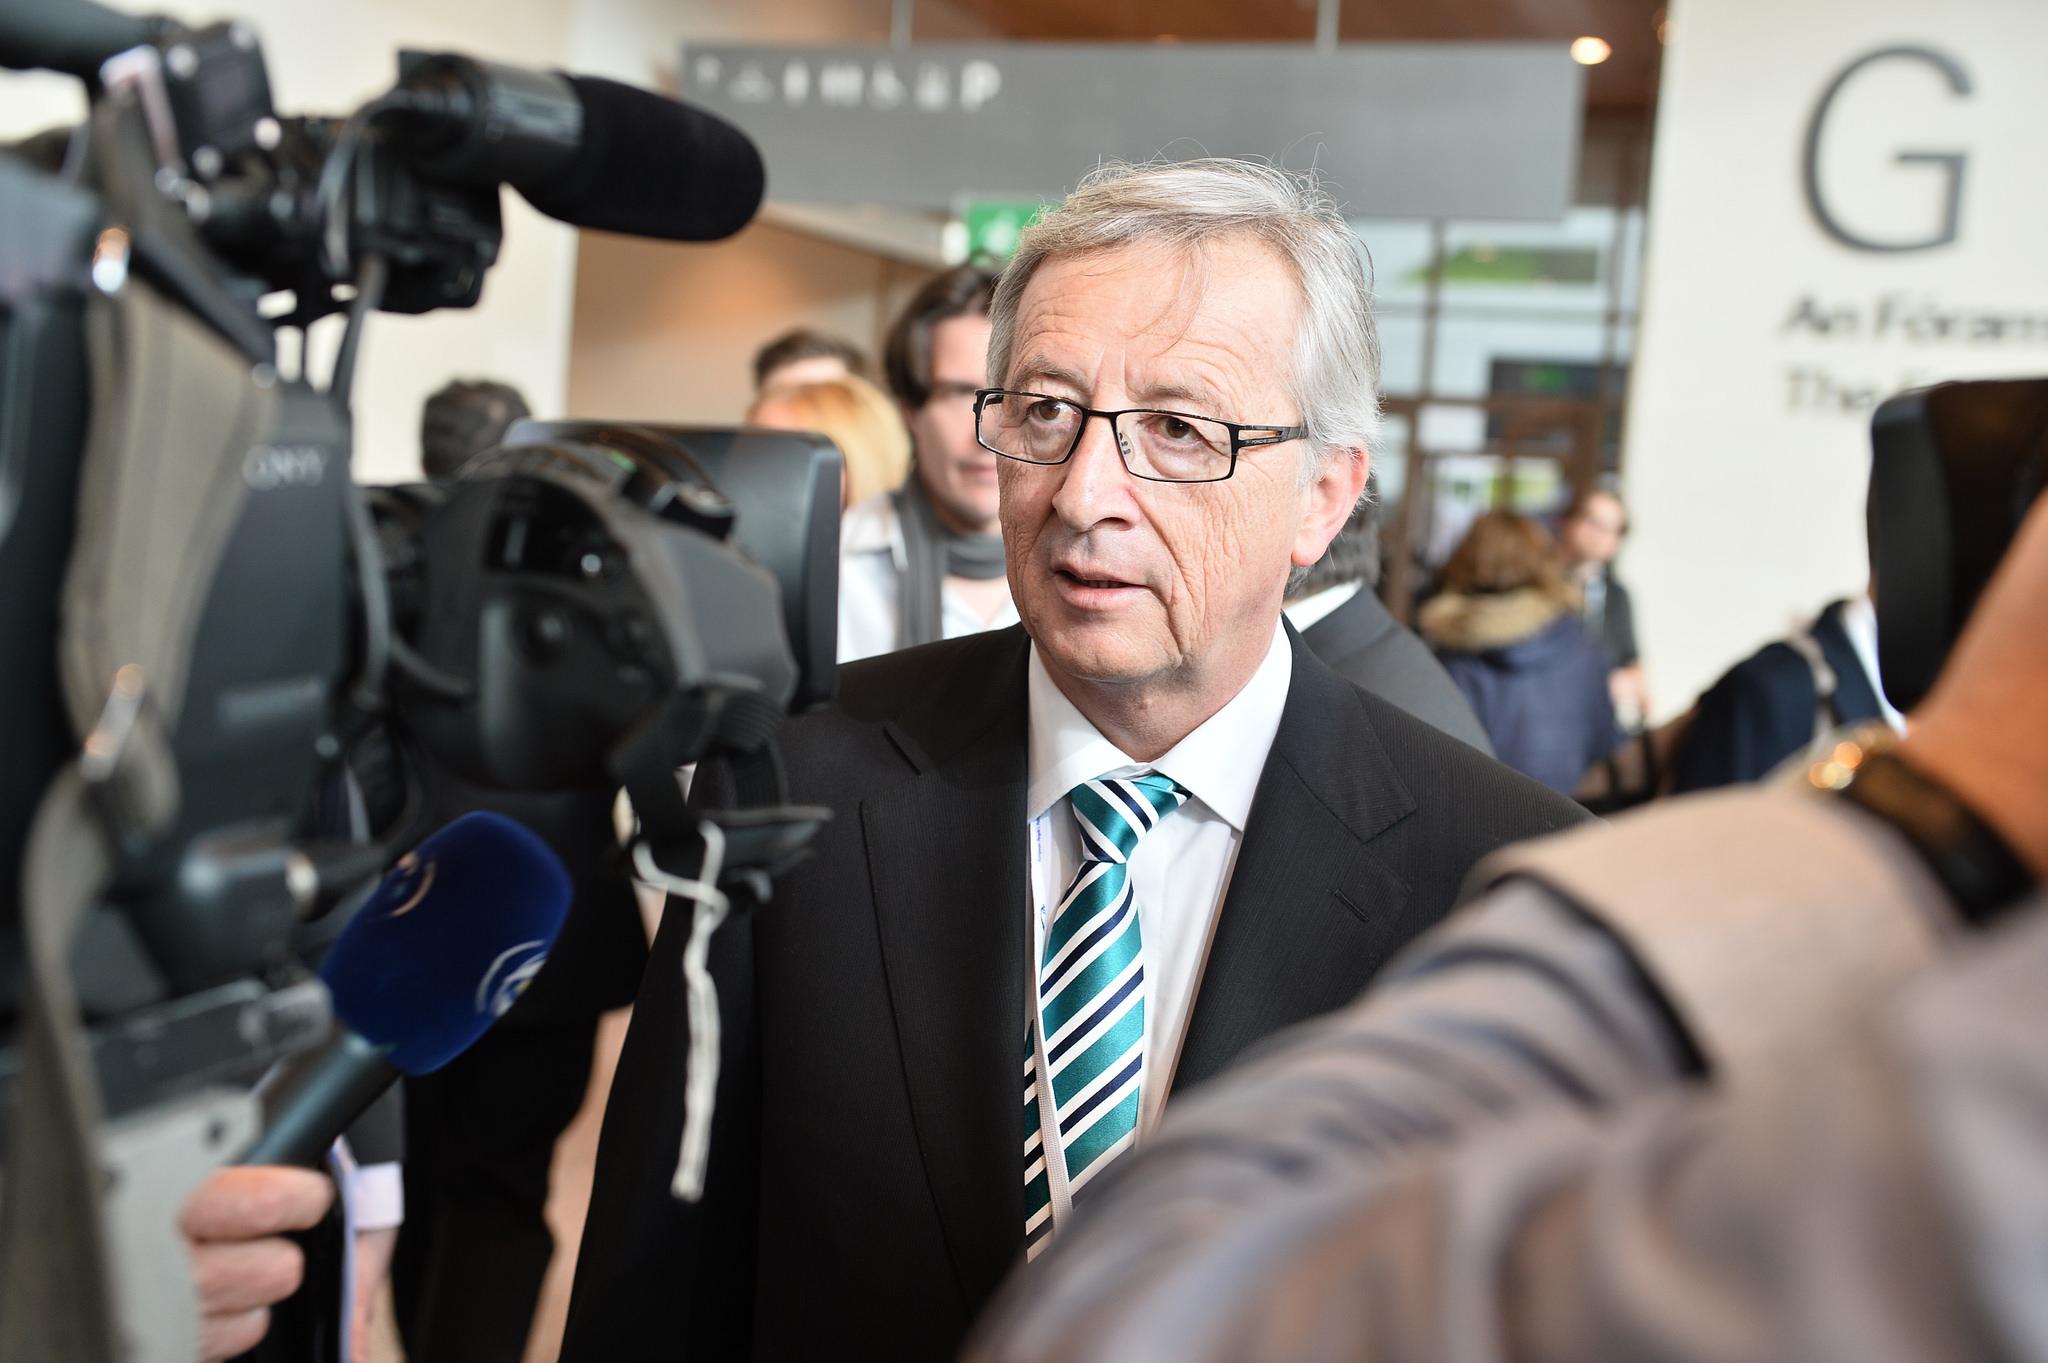 Die Steuervermeidung von Großkonzernen soll nach dem Willen von Jean-Claude Juncker bald ein  Ende haben.